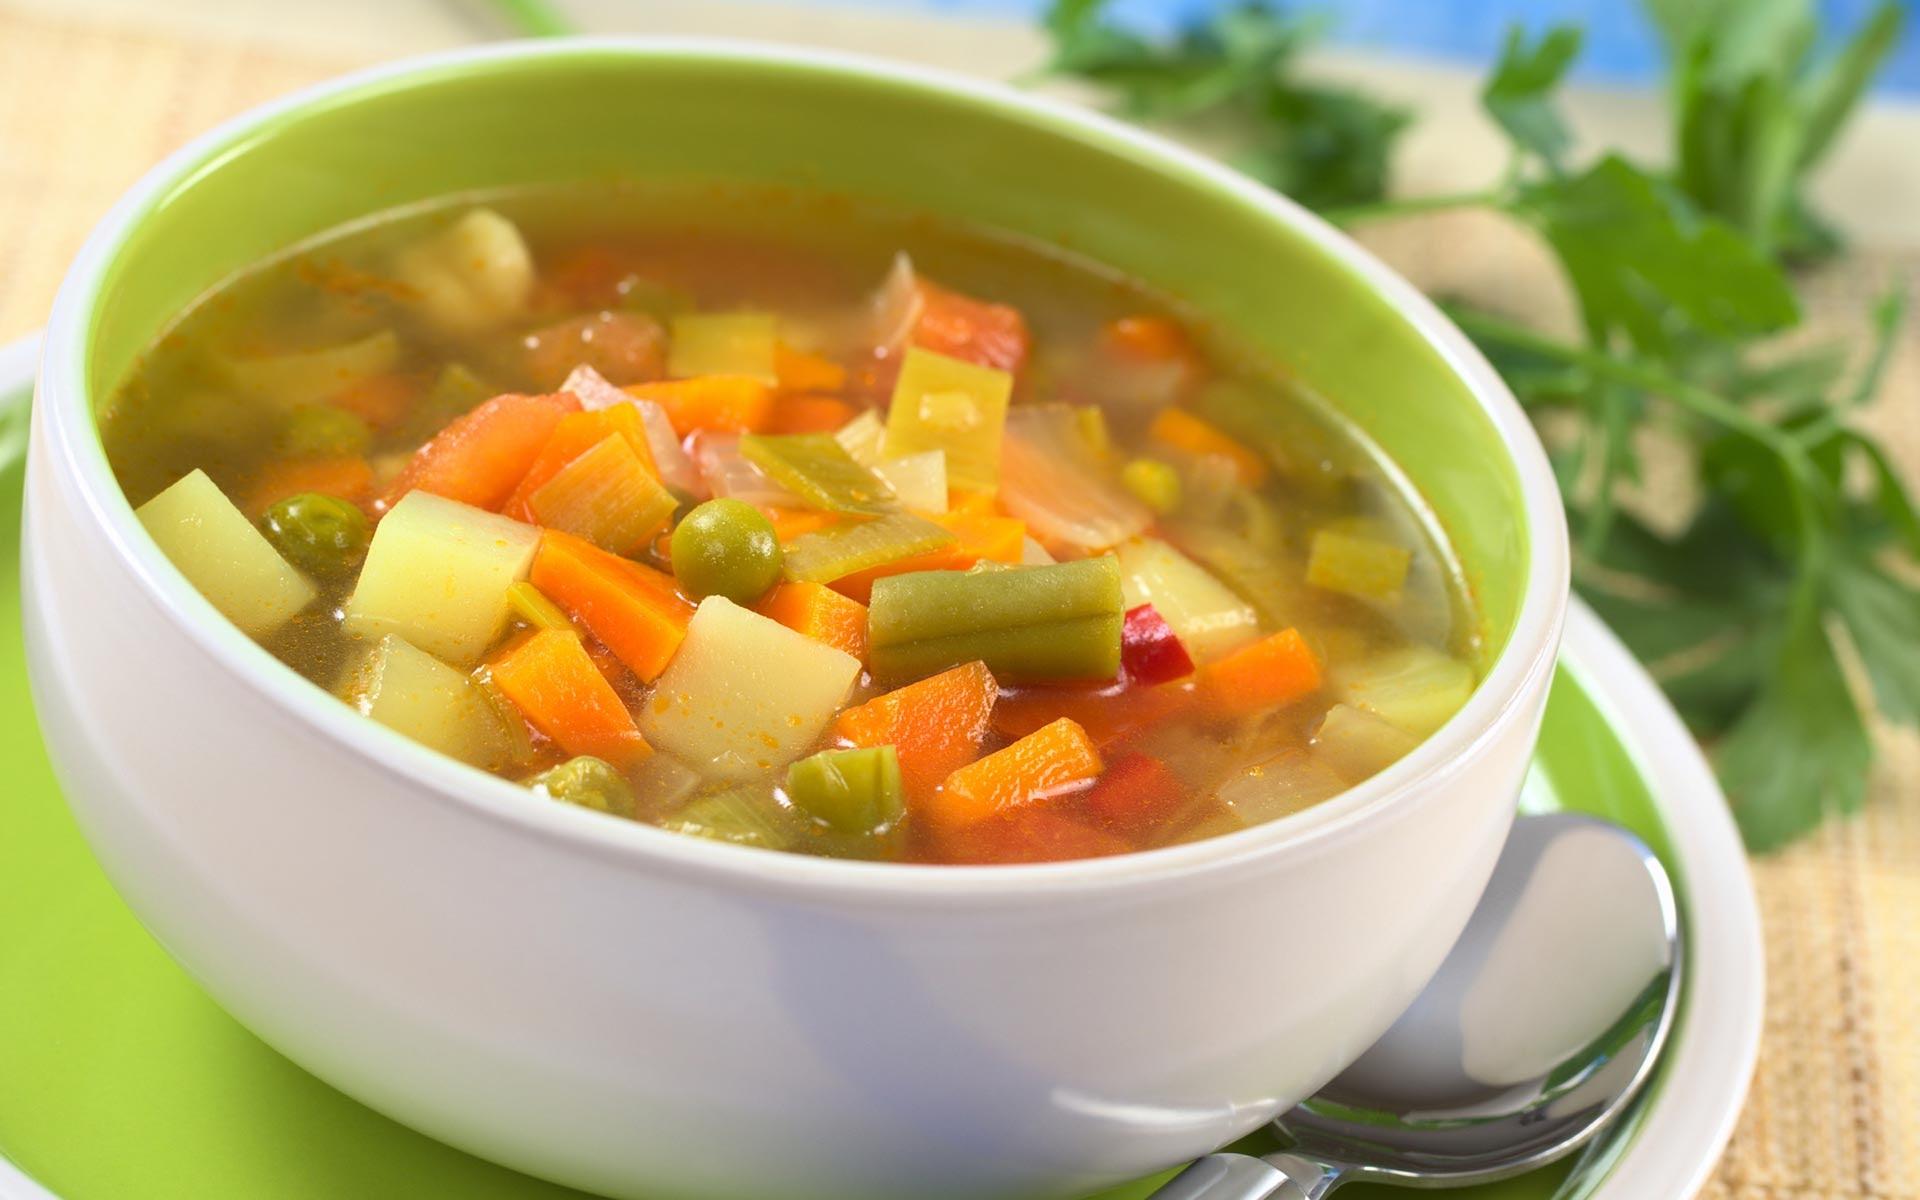 Vegetable soup (Овощной суп) - рецепт на английском с переводом